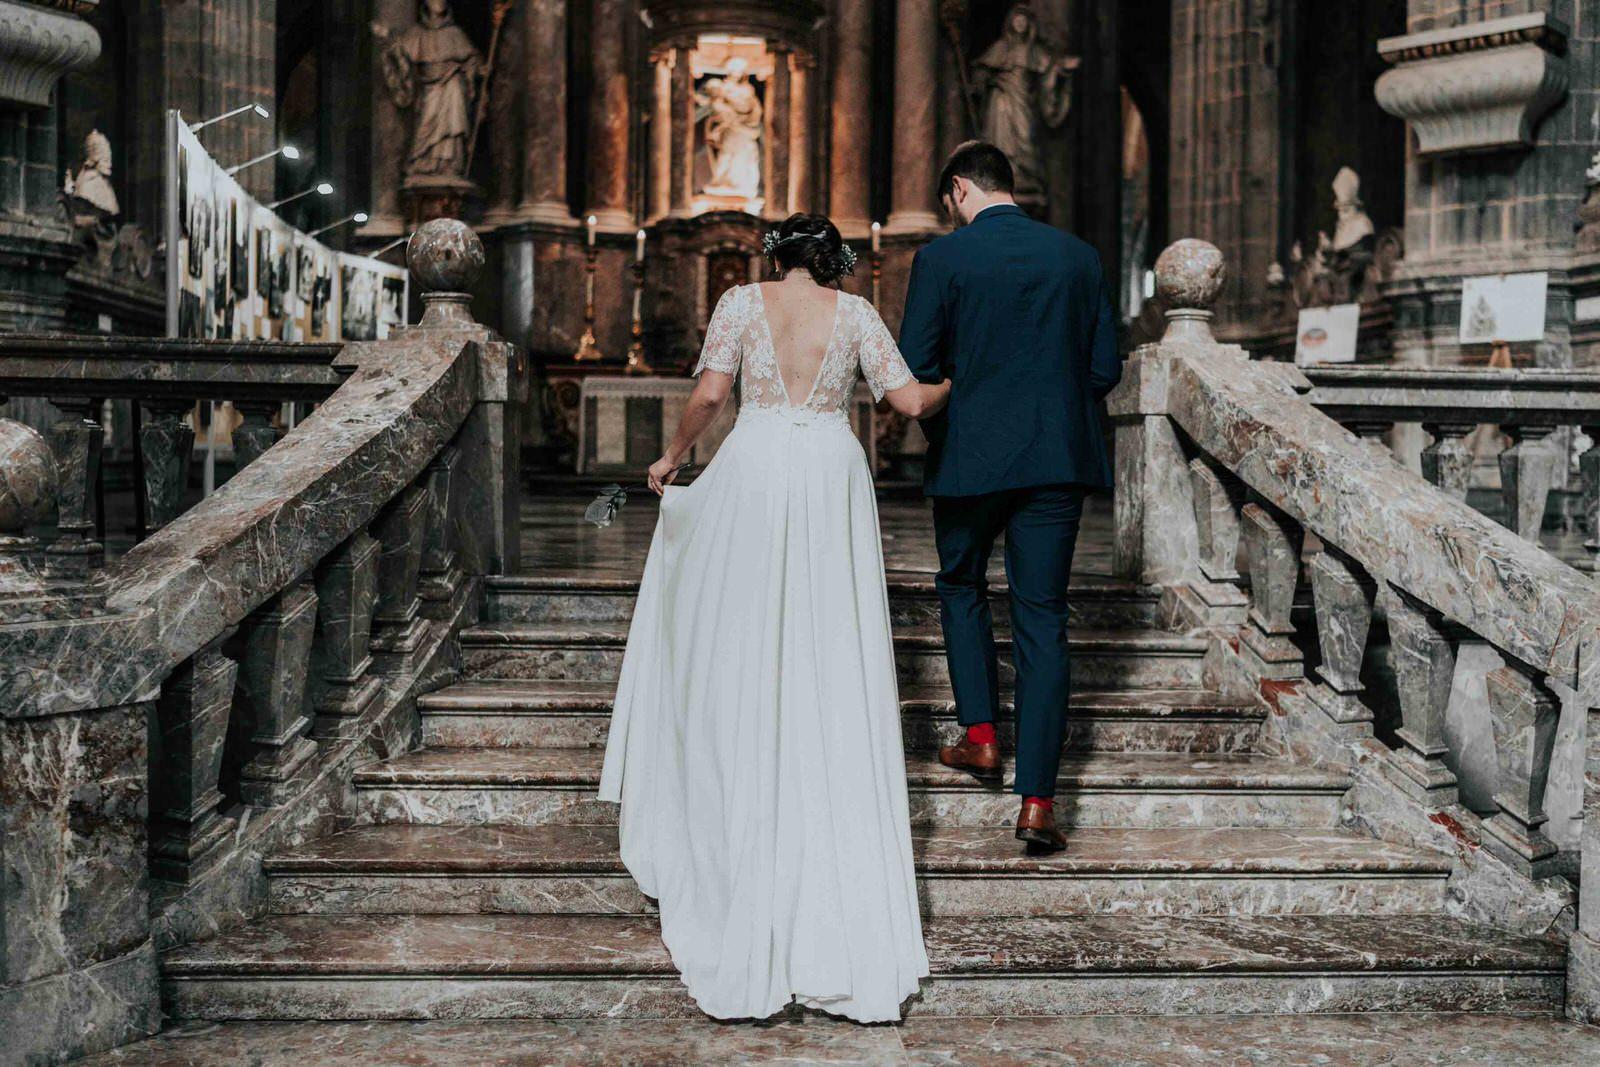 FOREVER-FANNY-MYARD-MARIAGE-PHOTOGRAPHE-239-scaled-2